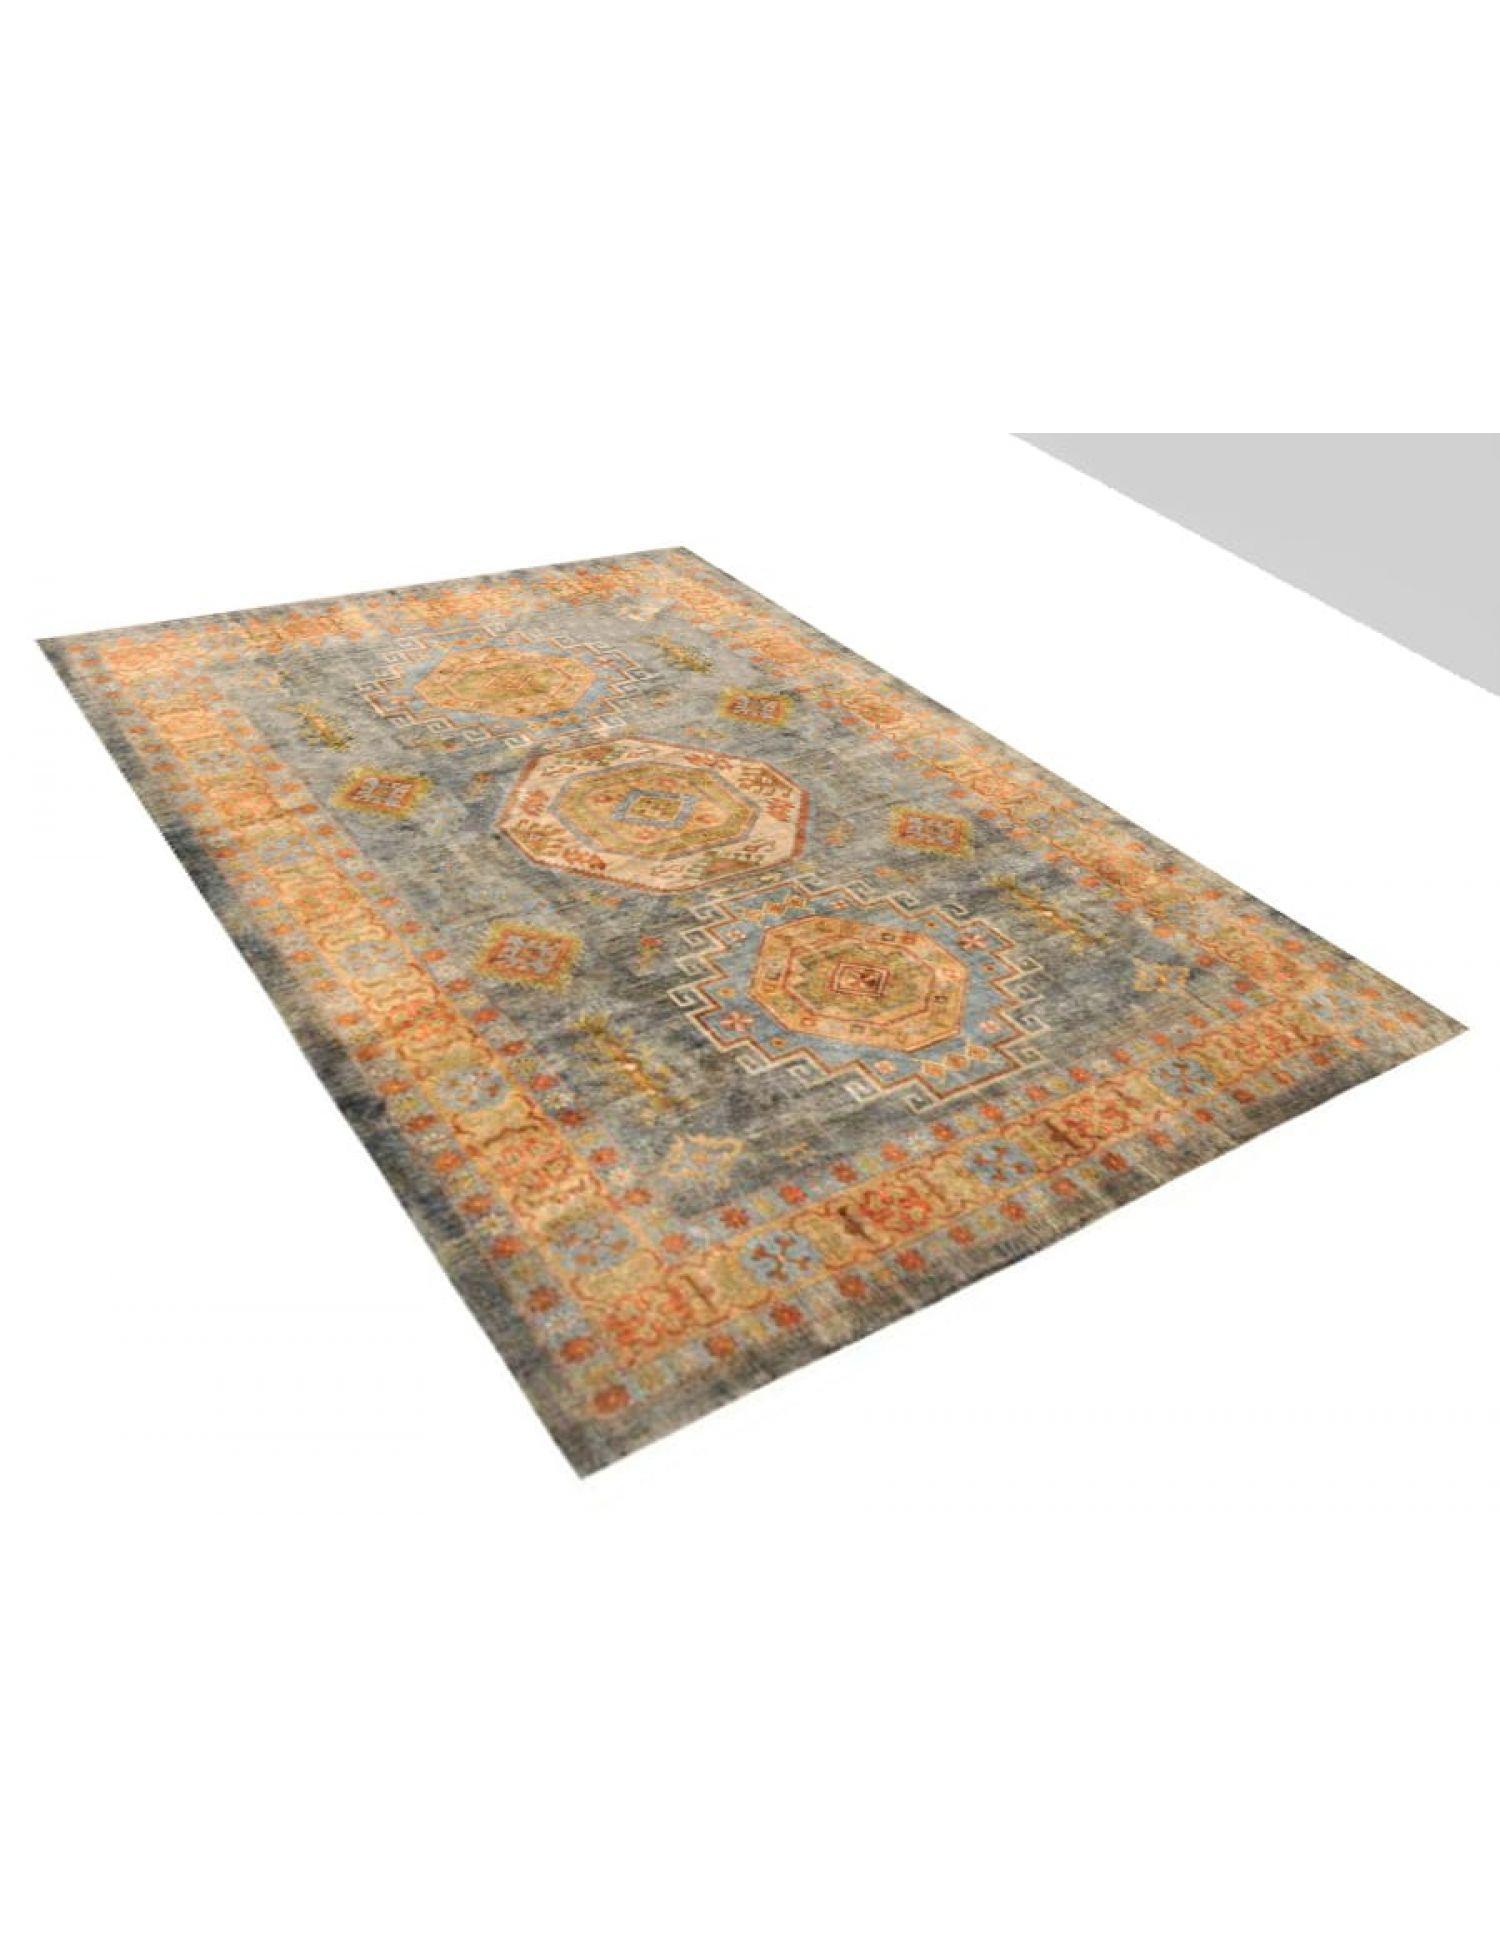 Perserteppich   <br/>340 x 265 cm